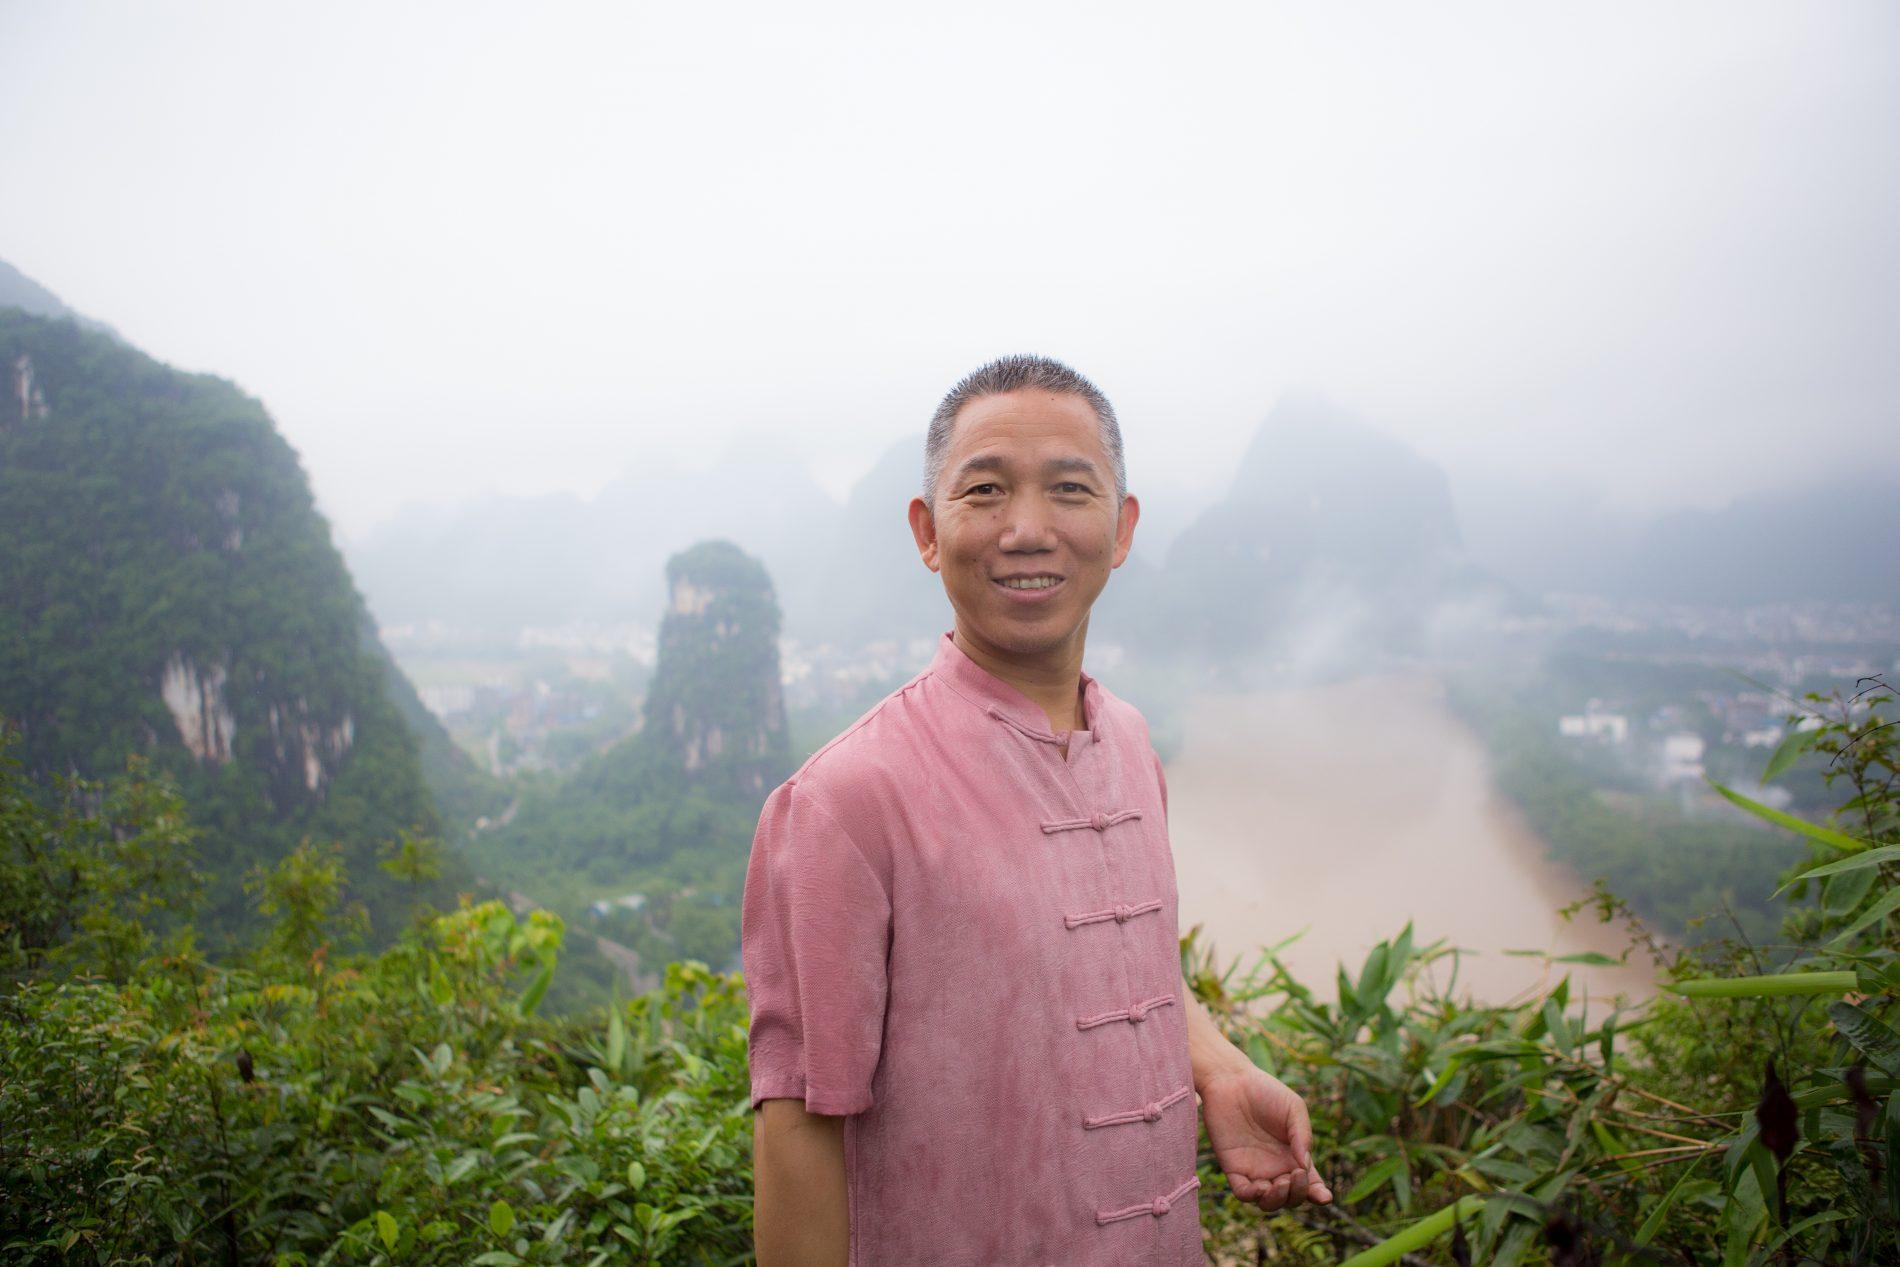 About Master Yuantong Liu